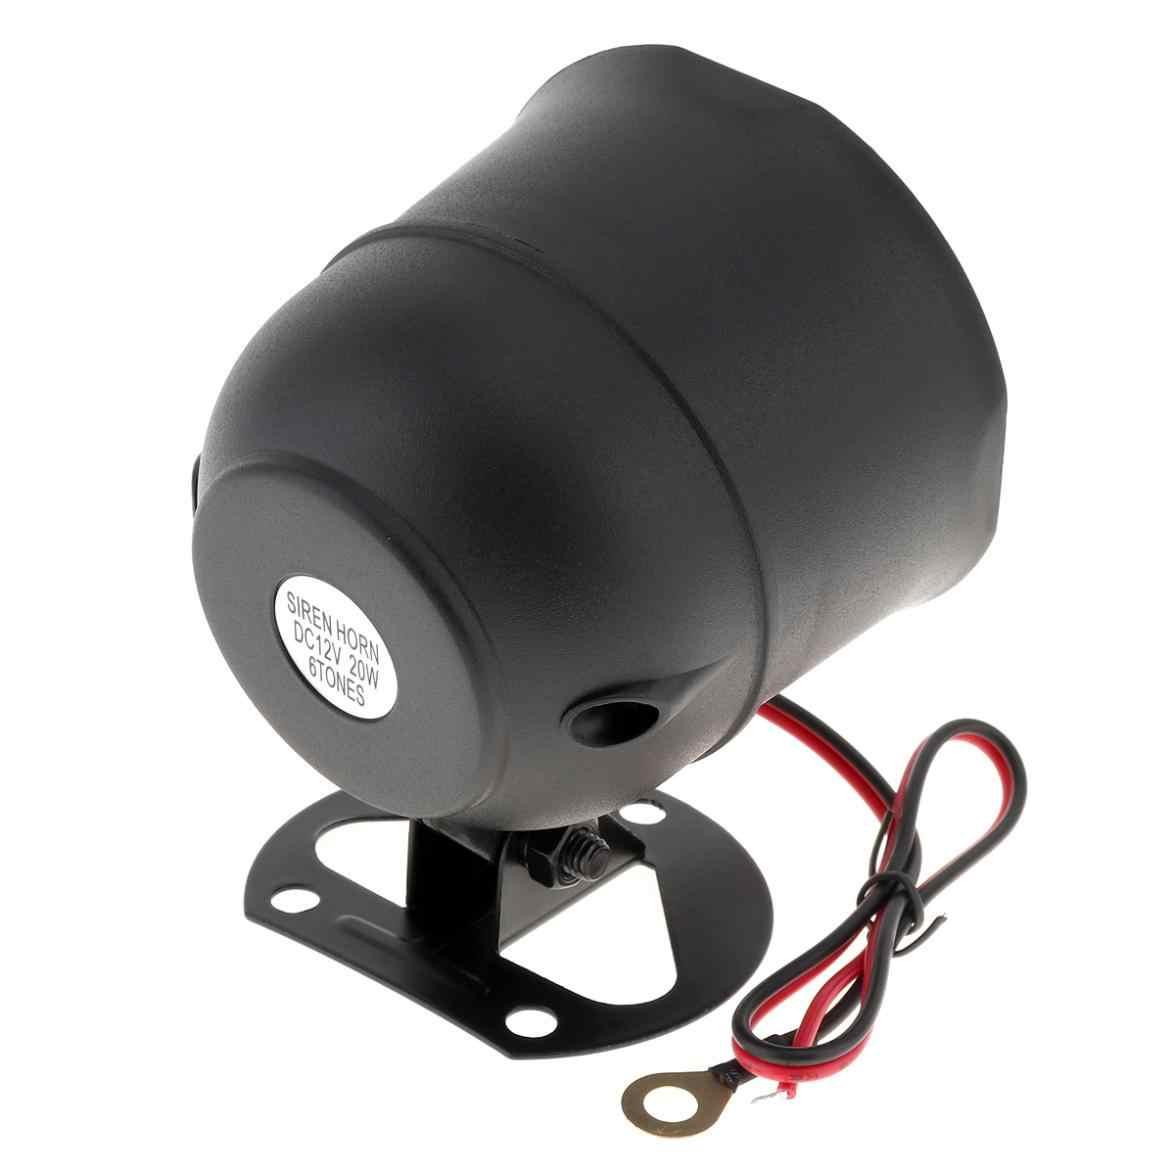 Universal12V Auto Alarm samochodowy System dostępu bezkluczykowy wsparcie centralny system zamykania drzwi z czujnikiem syreny zdalnego sterowania